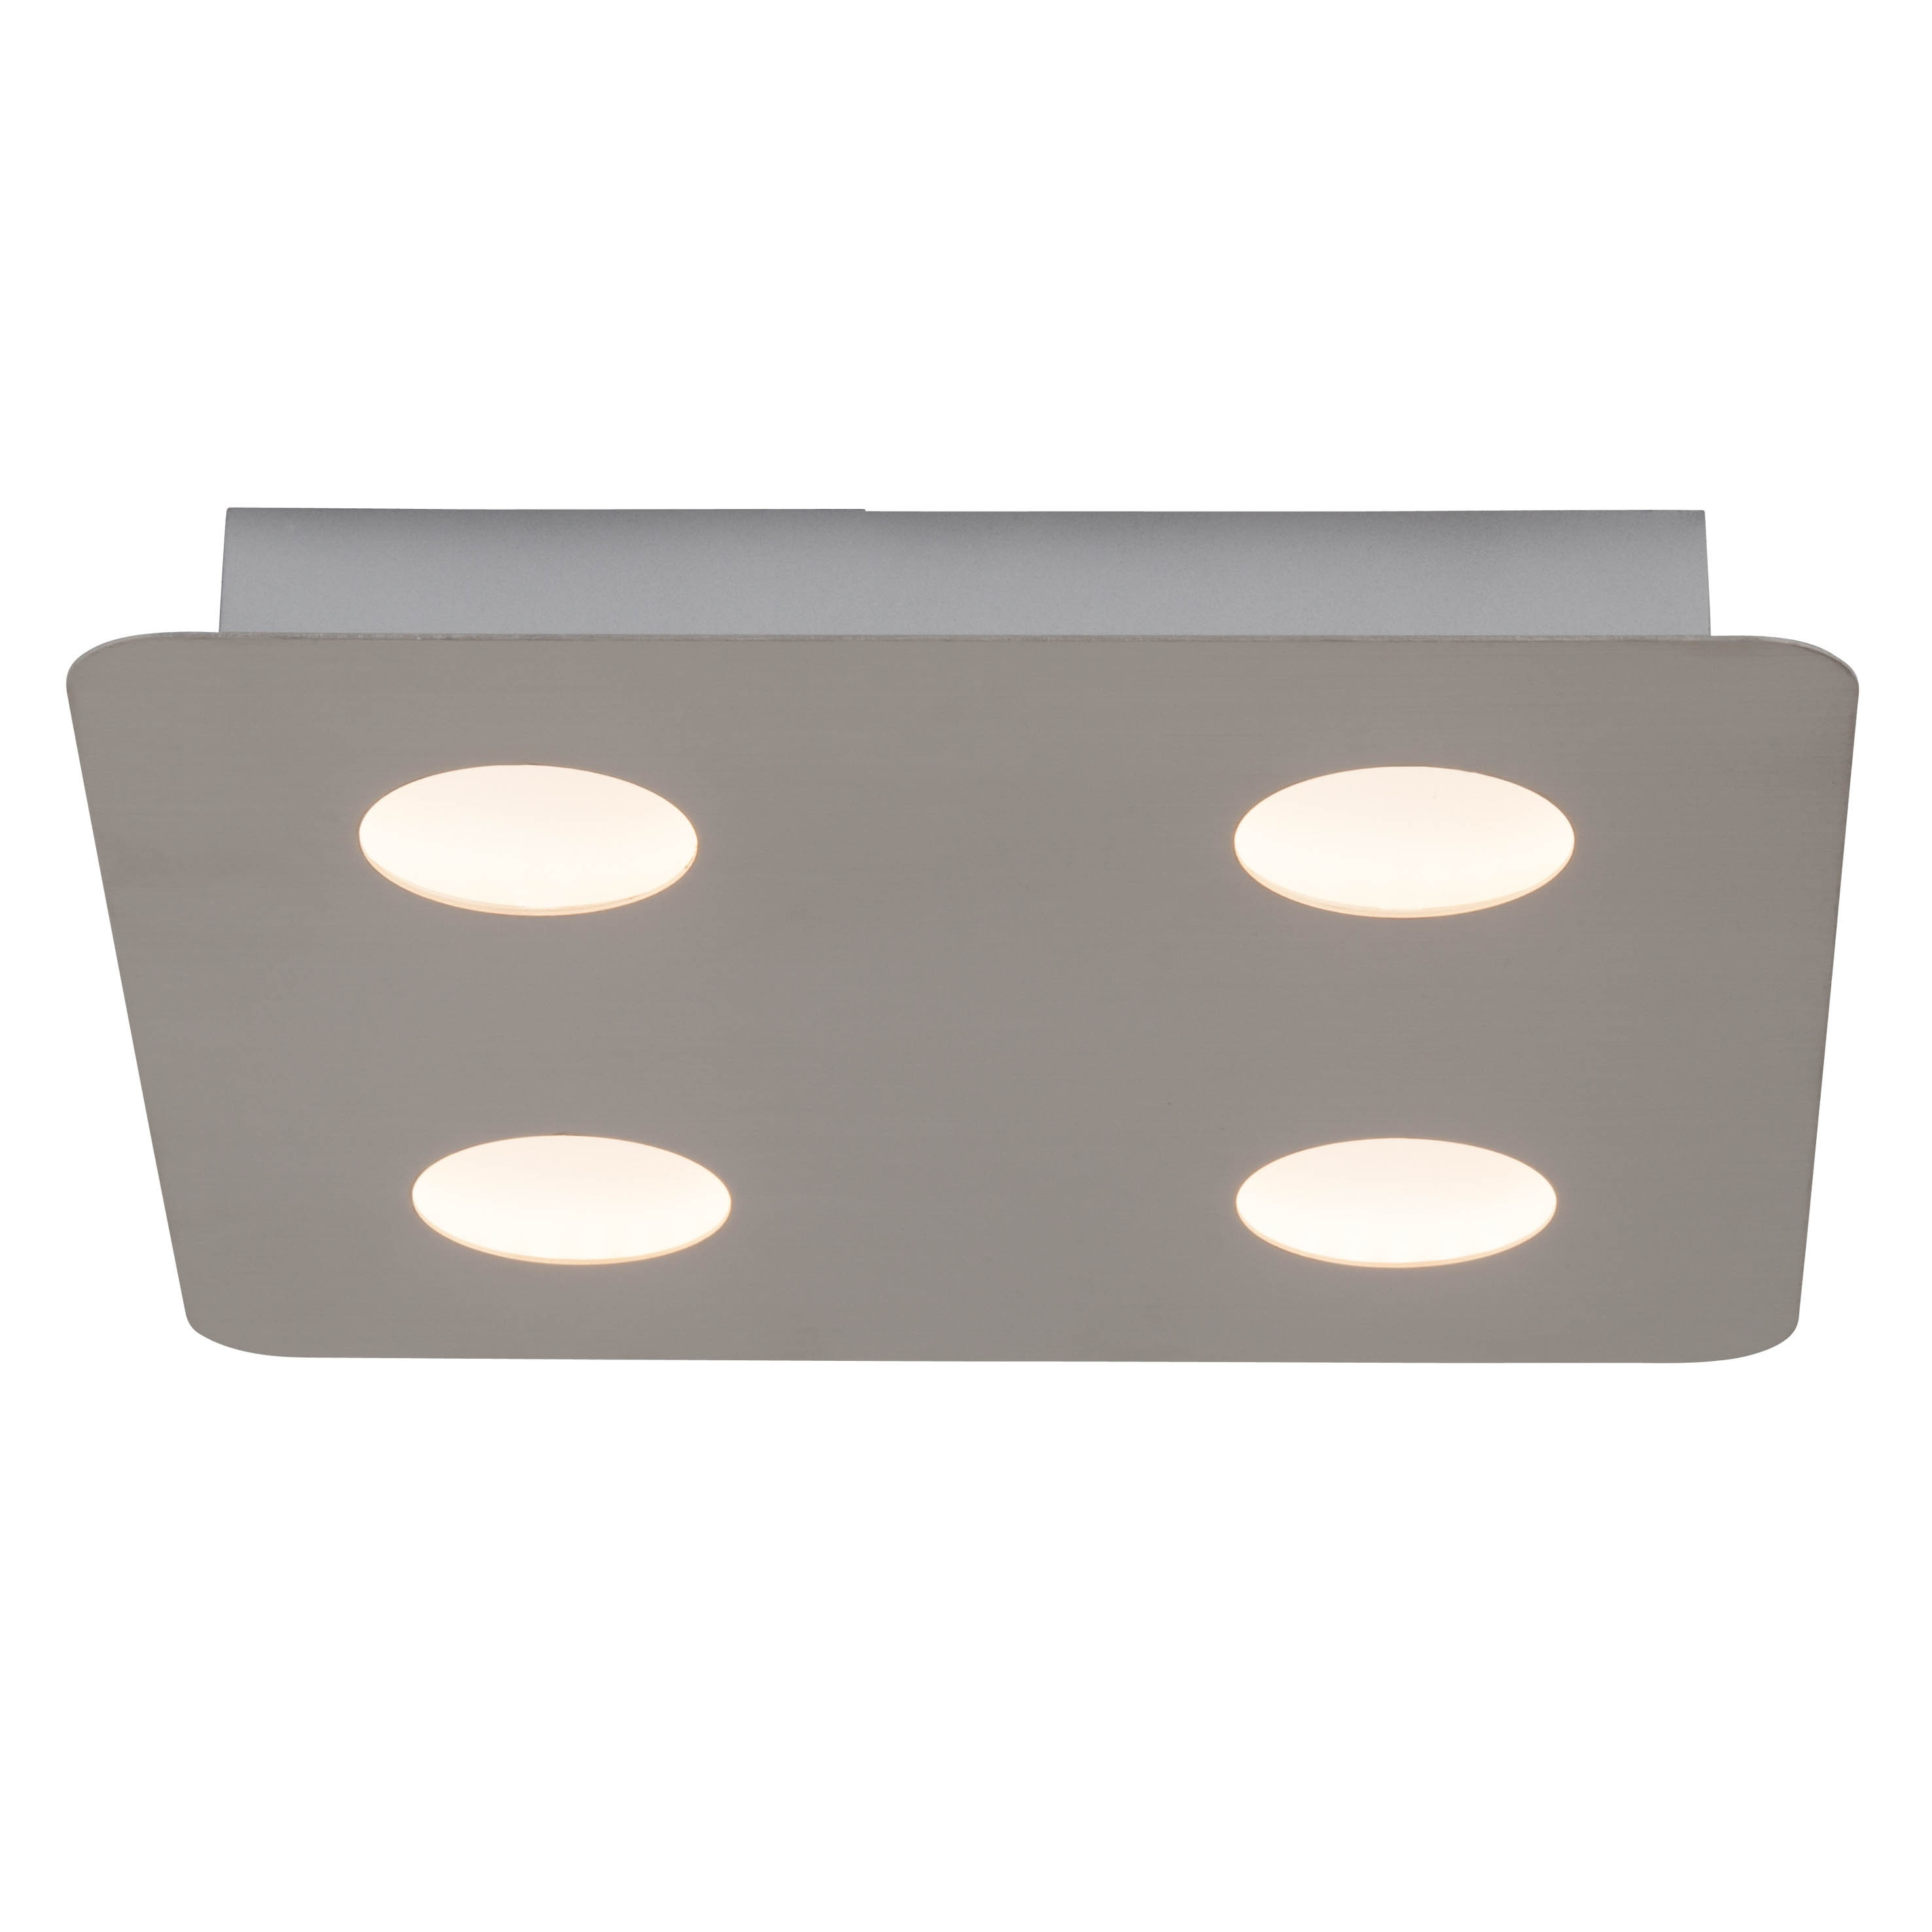 AEG Formit LED Wand- und Deckenleuchte 4flg nickel